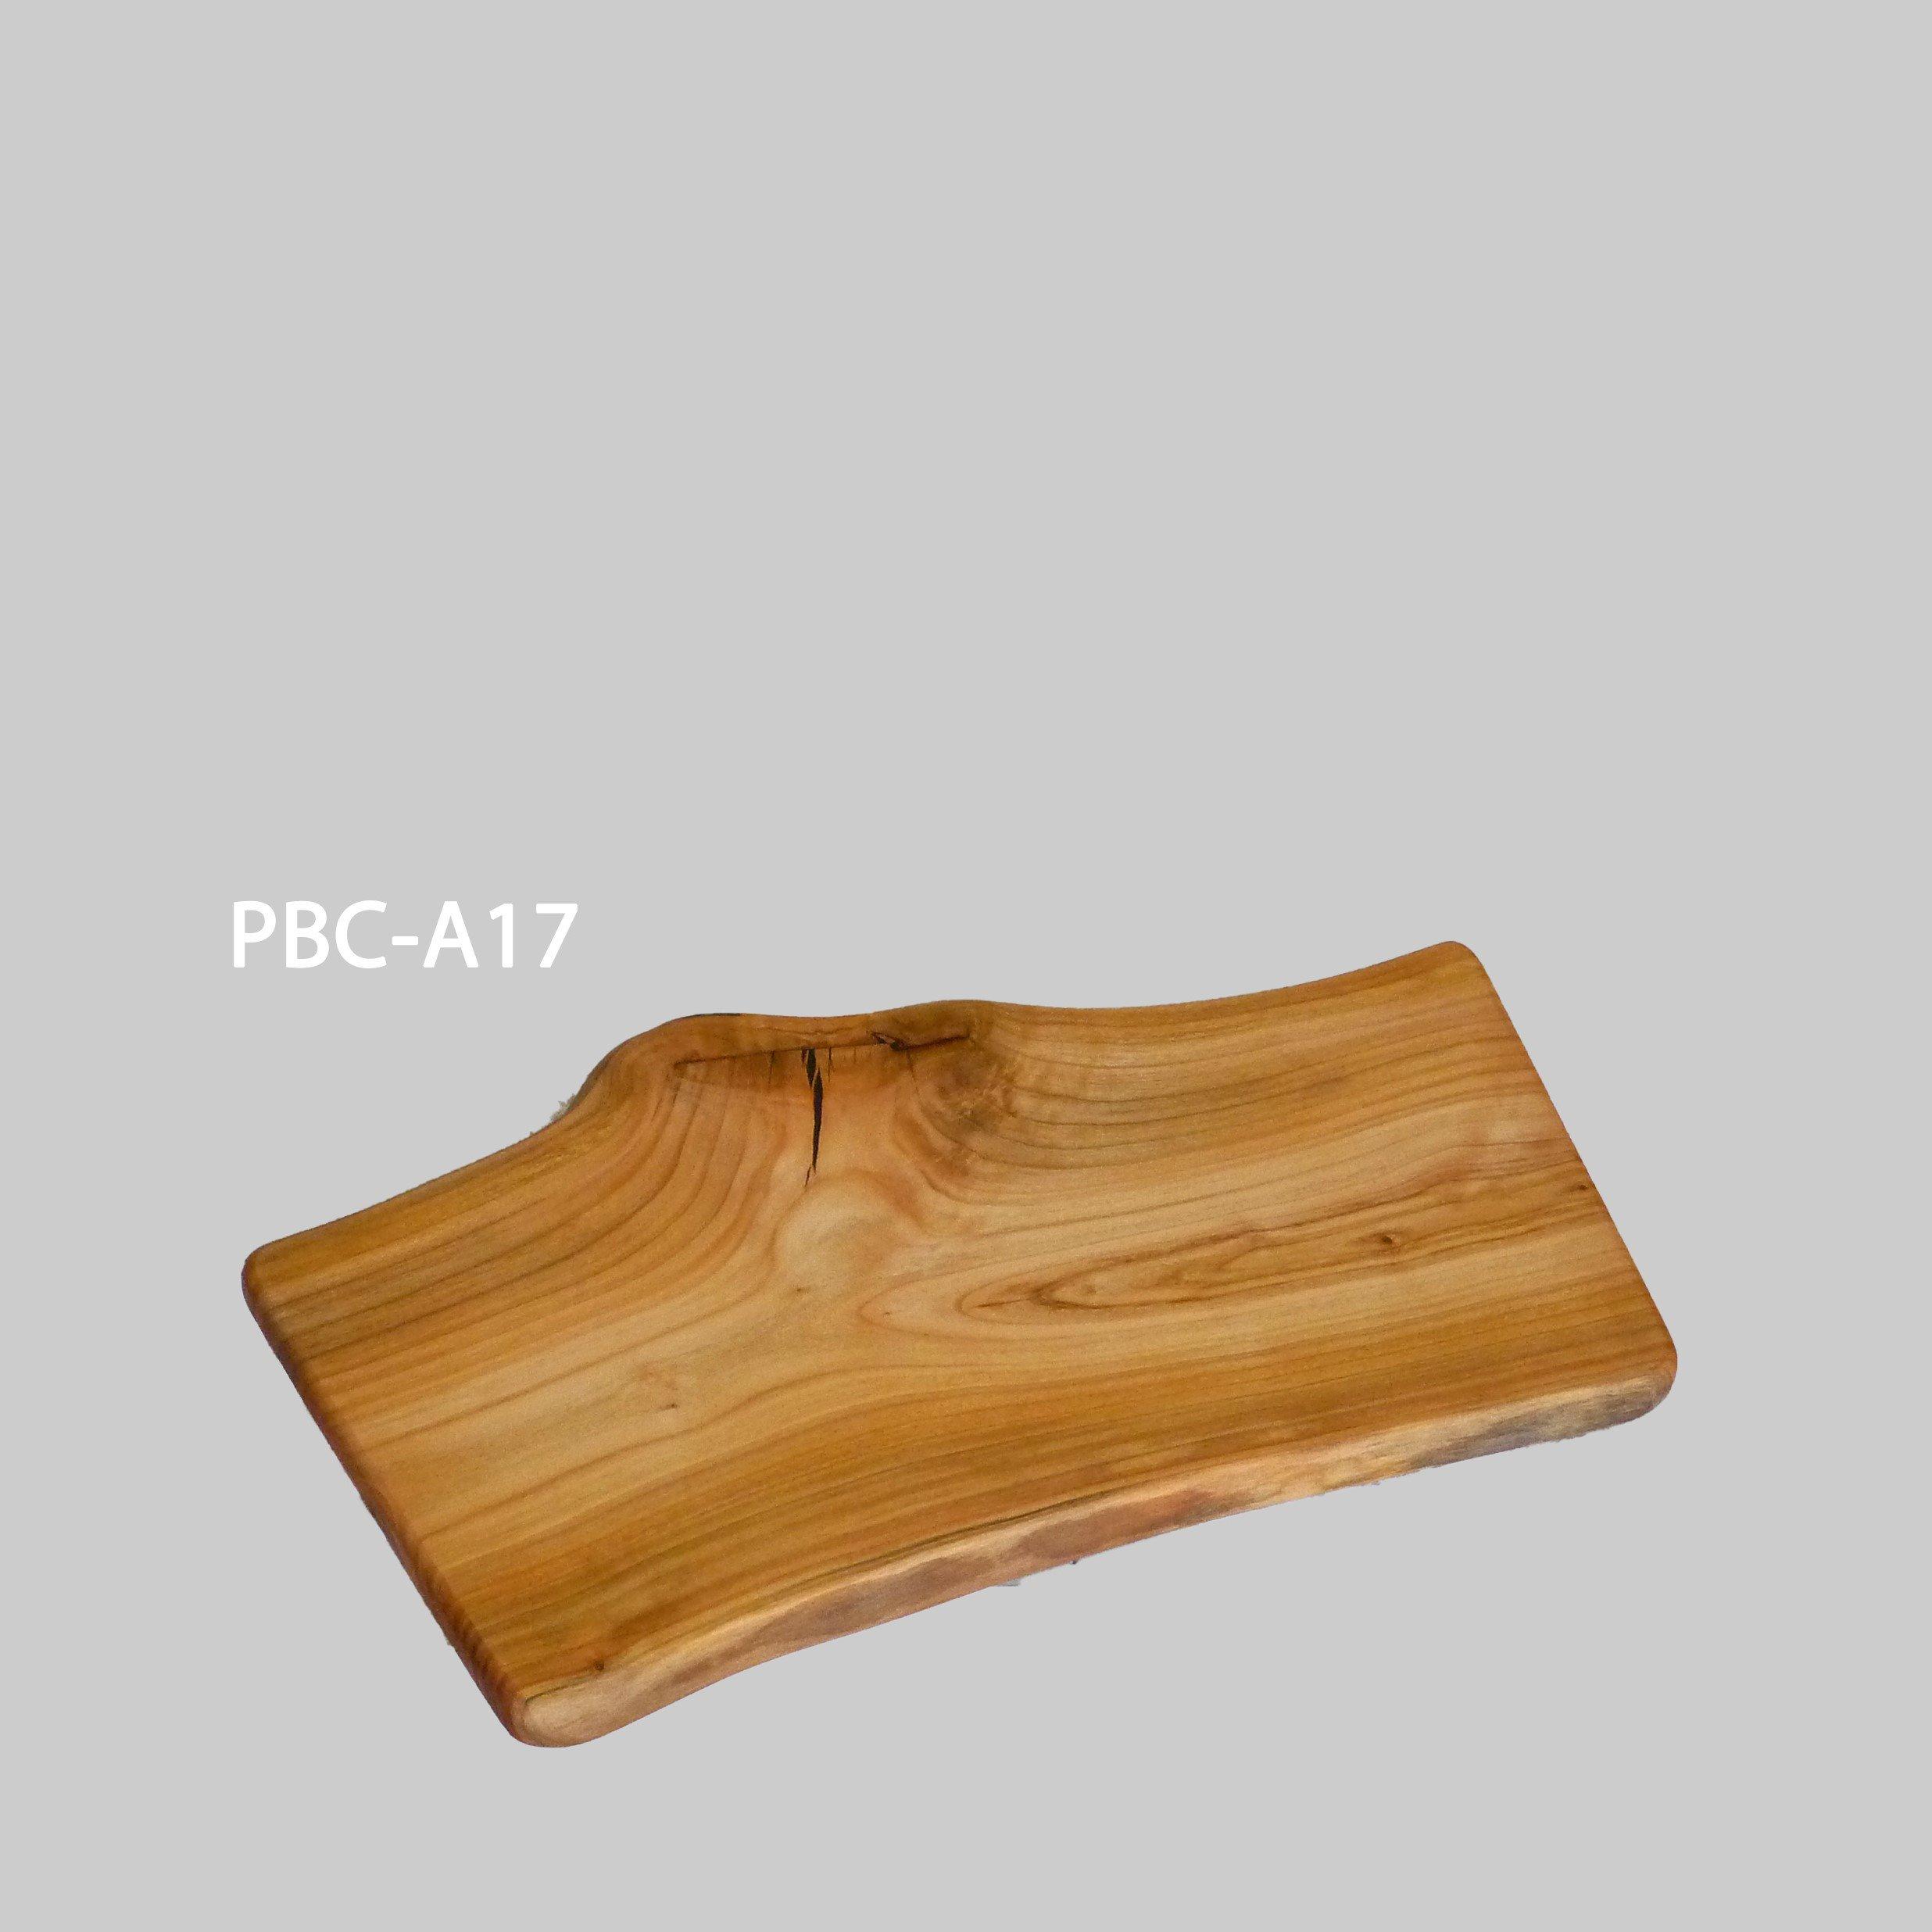 PBC-A17